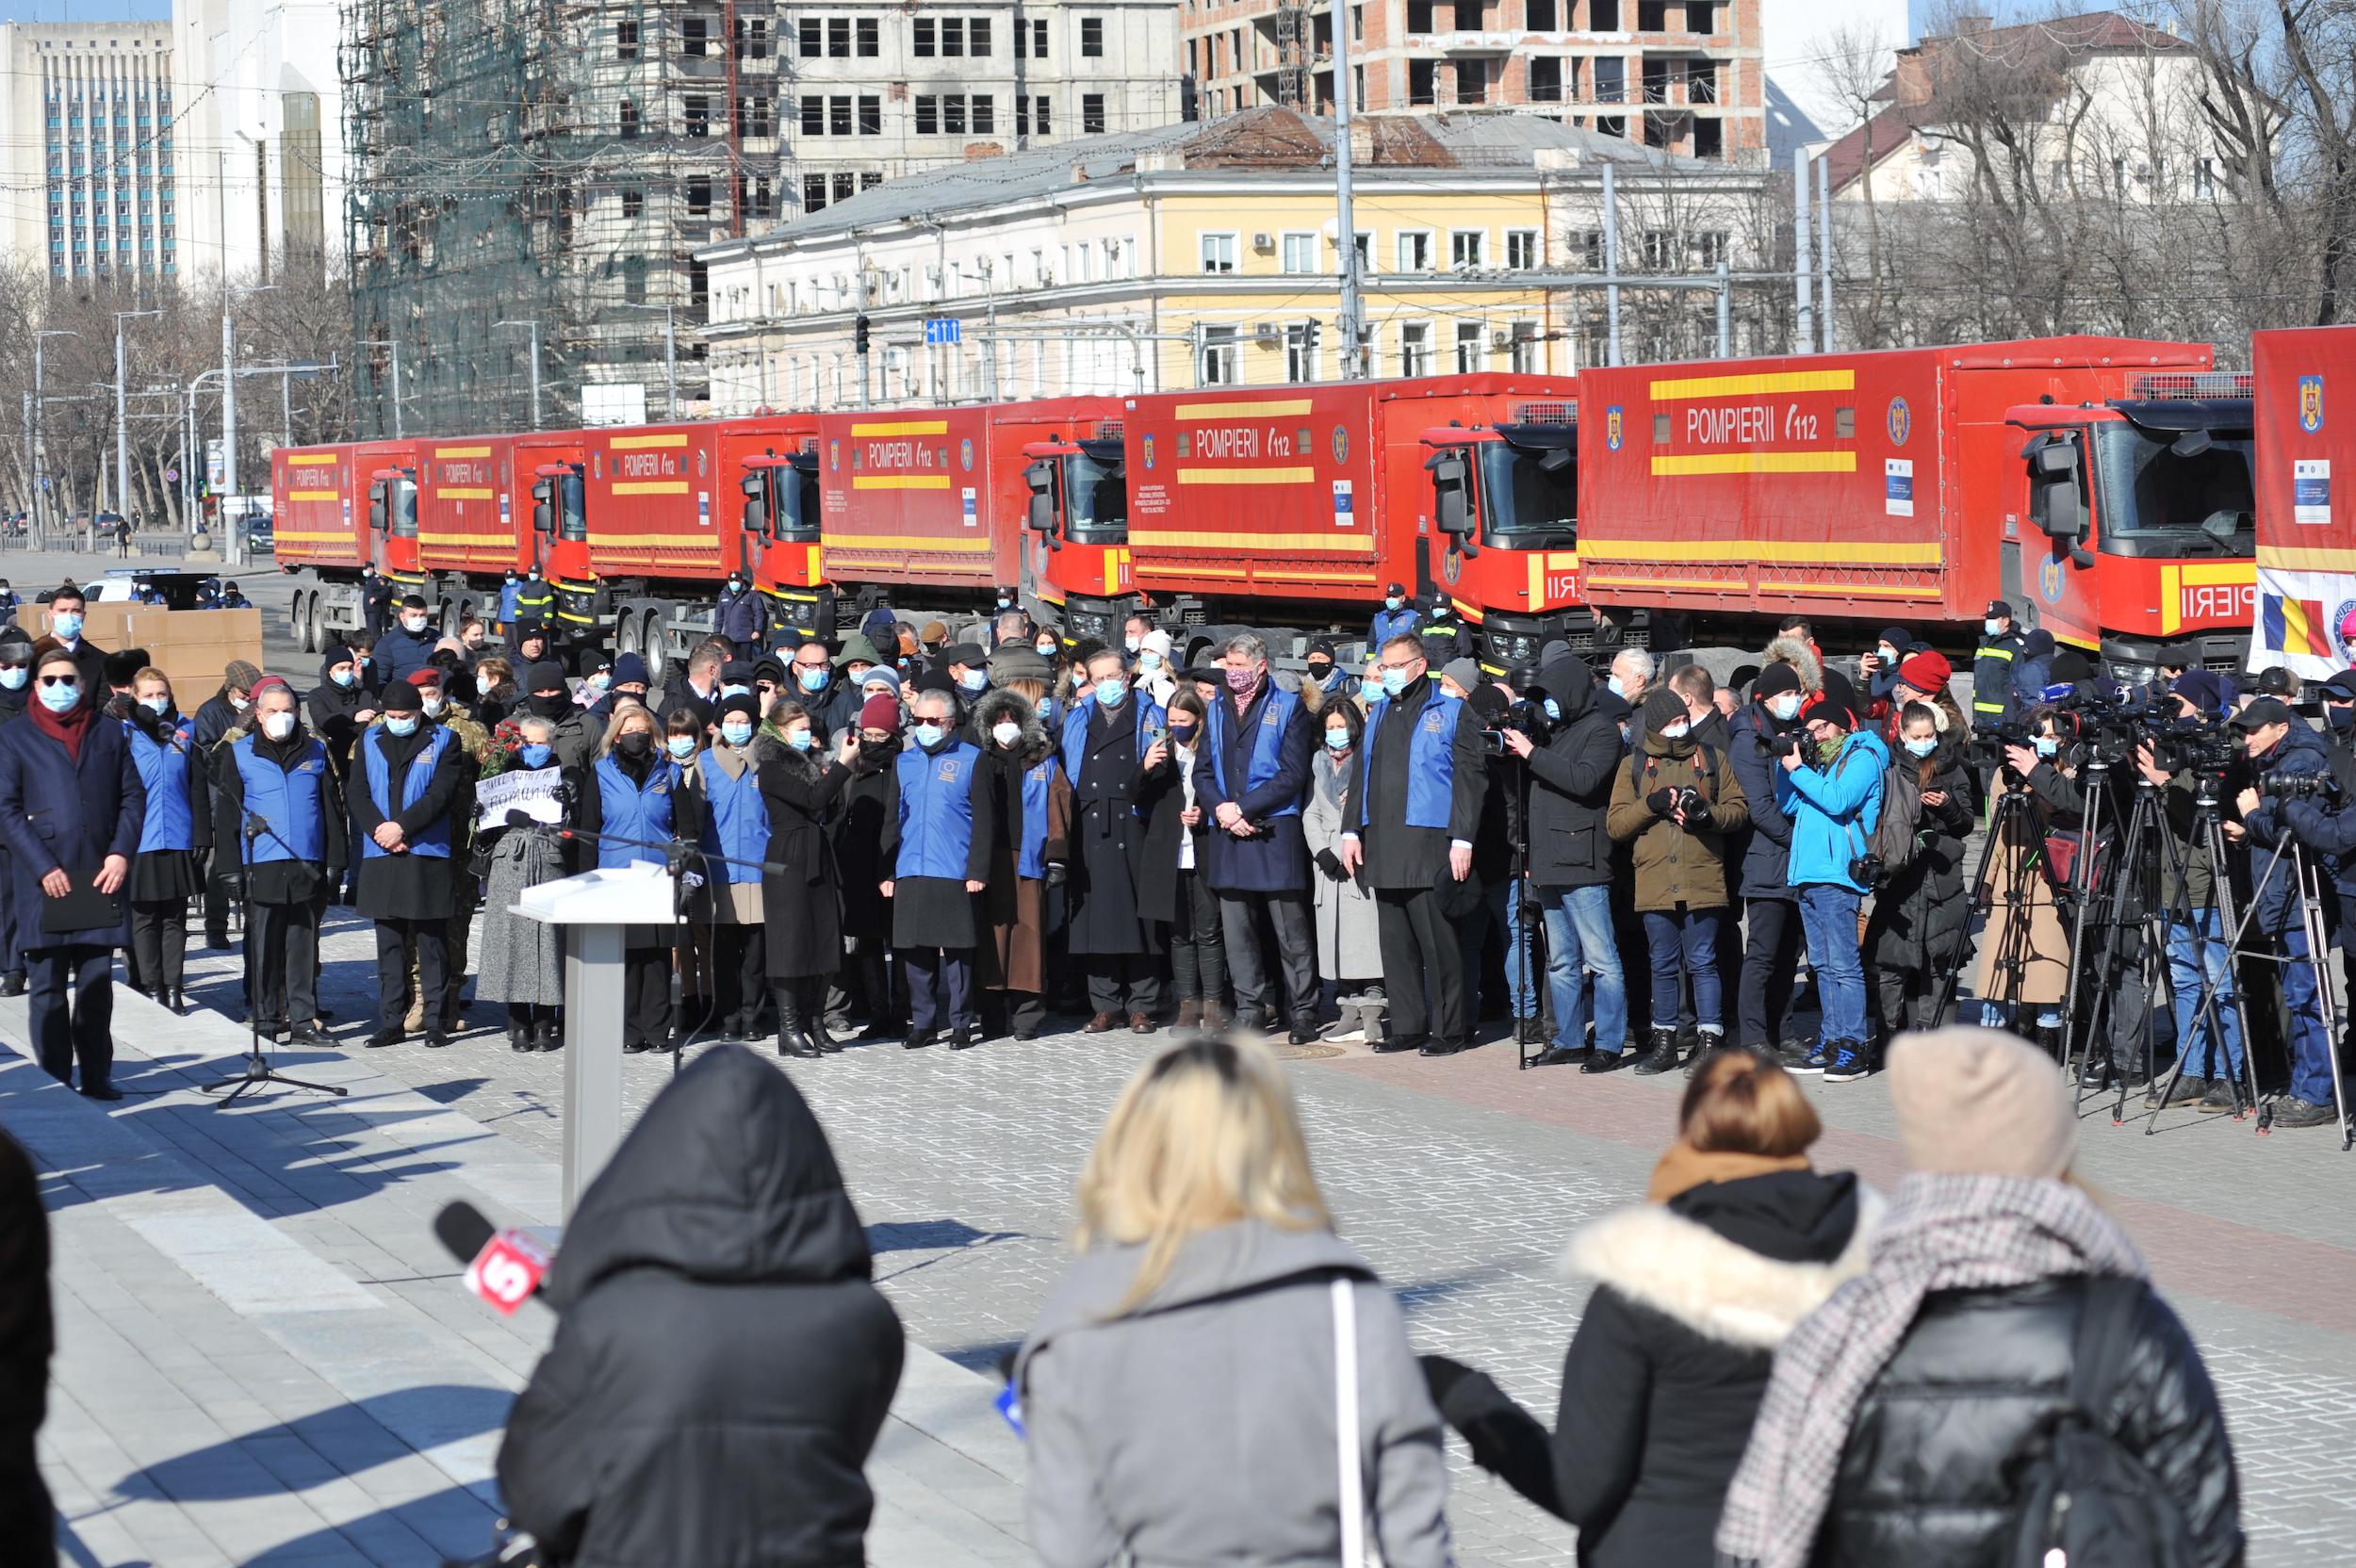 ВКишинев доставили гуманитарную помощь изРумынии. Фоторепортаж NM